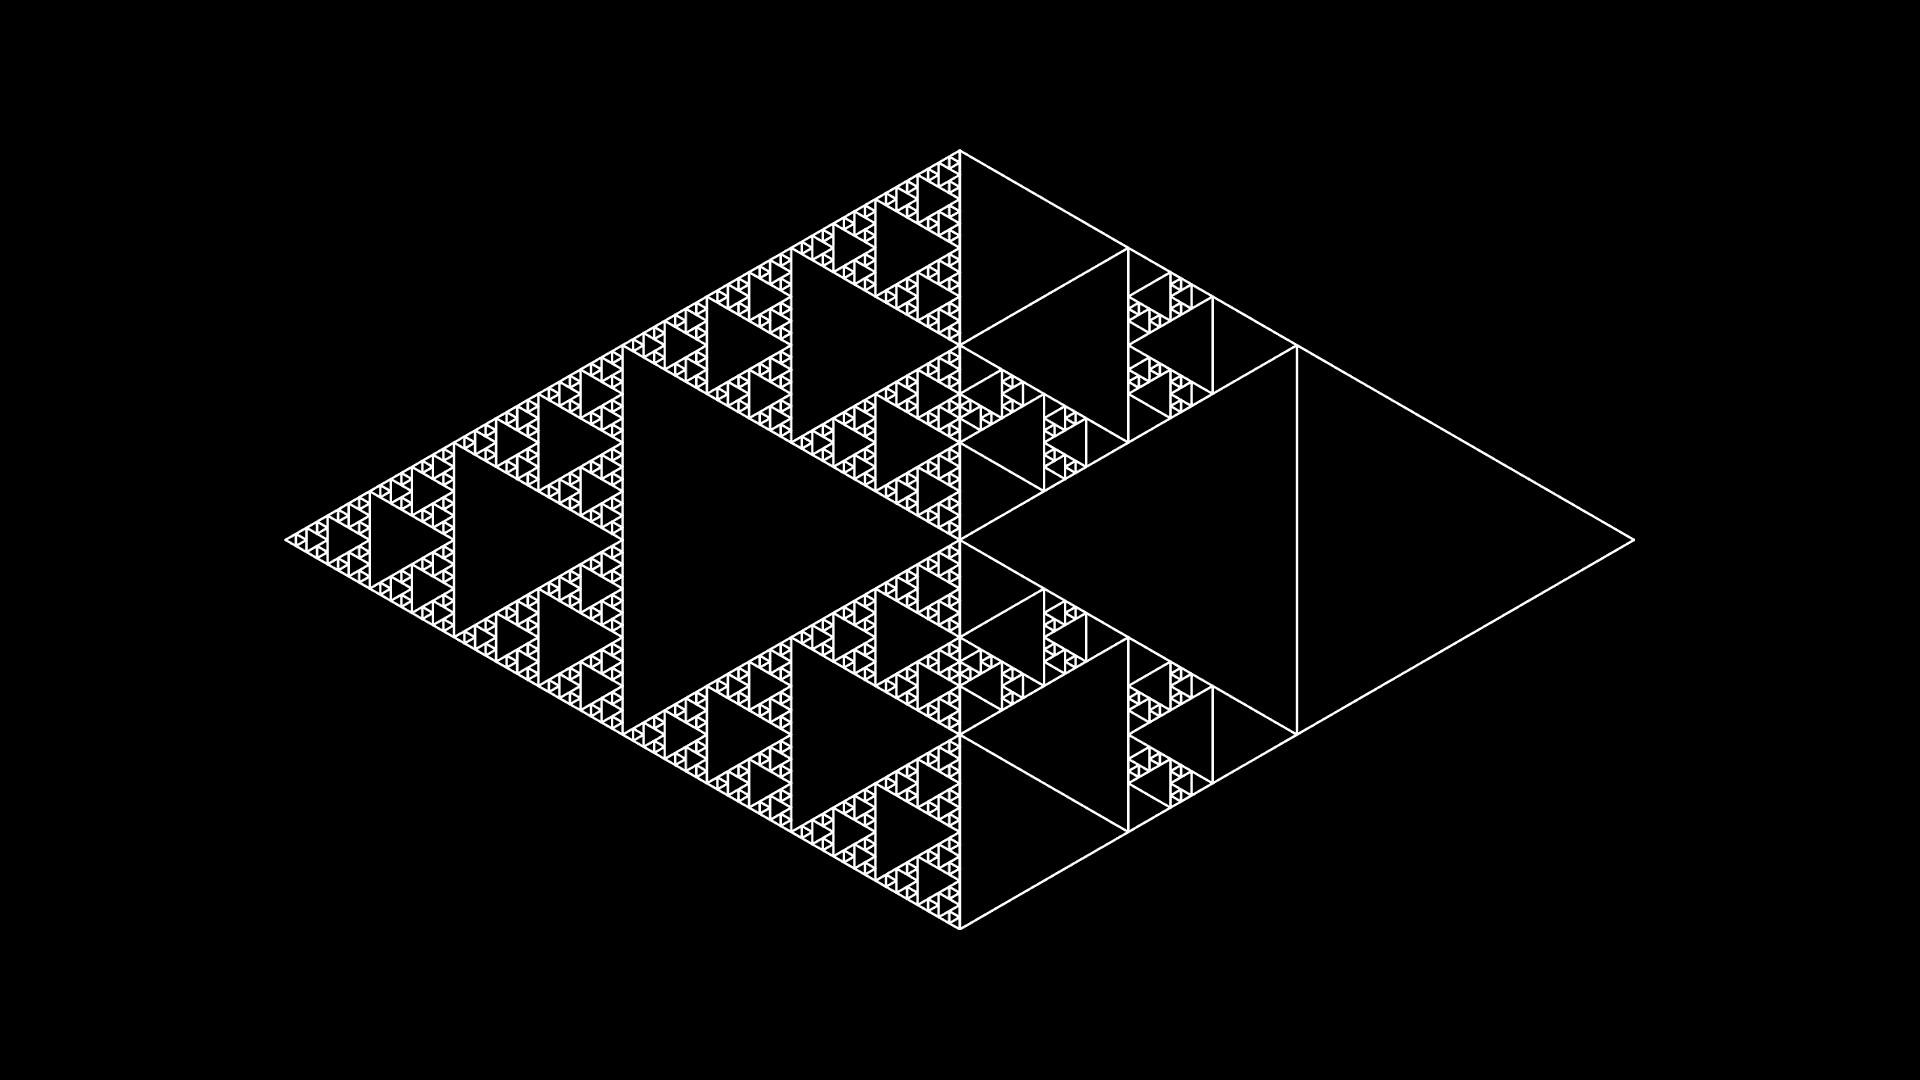 デスクトップ壁紙 1920x1080 Px 抽象 数学 モノクロ 科学